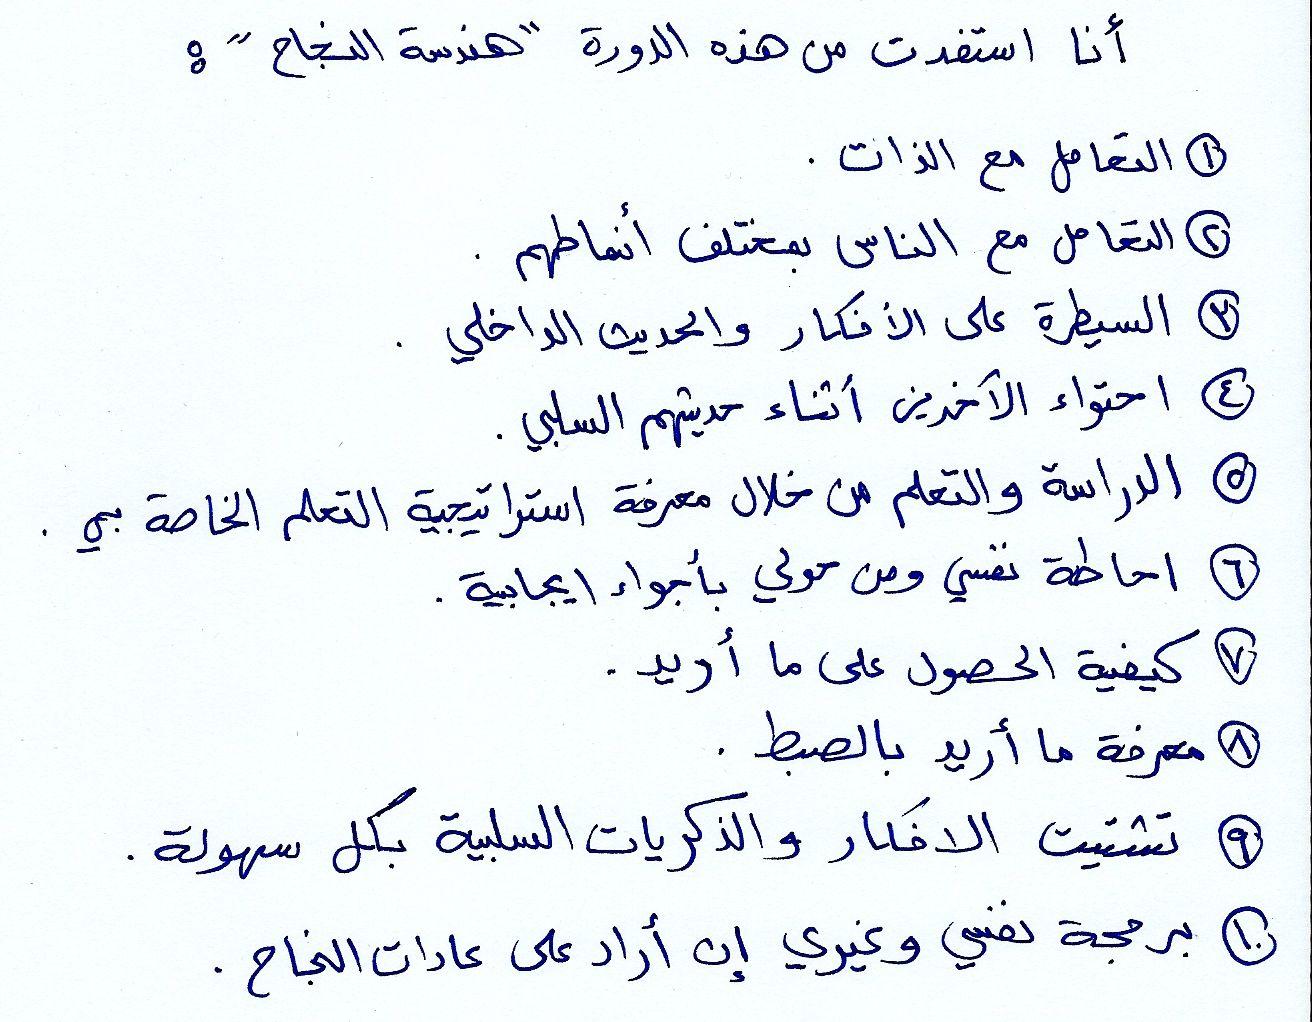 تقرير مختصر ماذا حصل بعد سنة من الدورة Math Arabic Calligraphy Math Equations